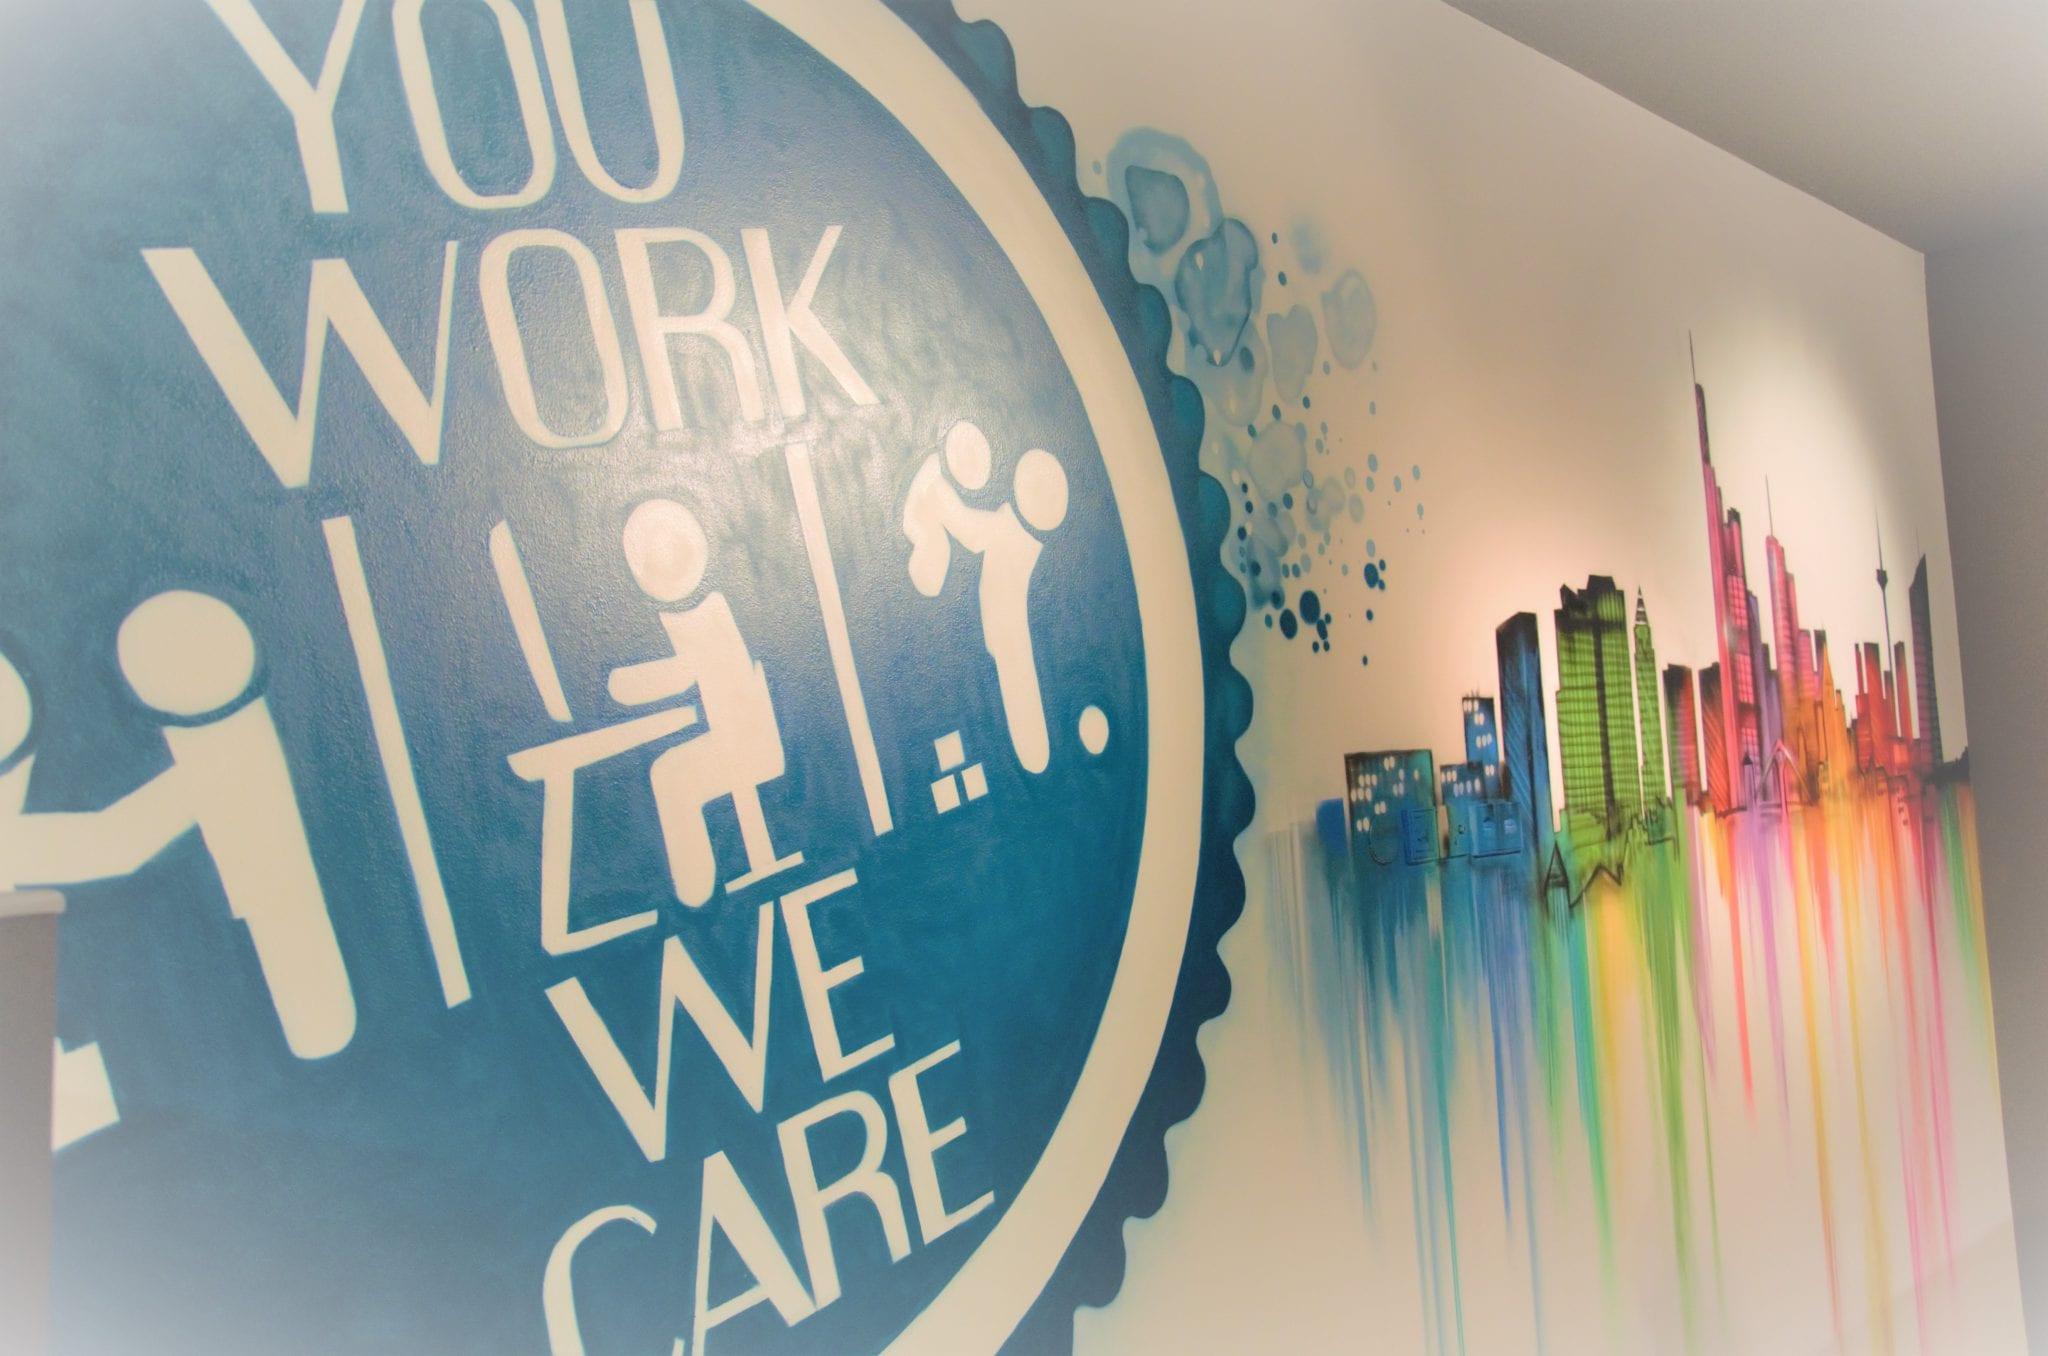 Bunte Wandbilder schmücken die Wände bei Co-Work & Play.